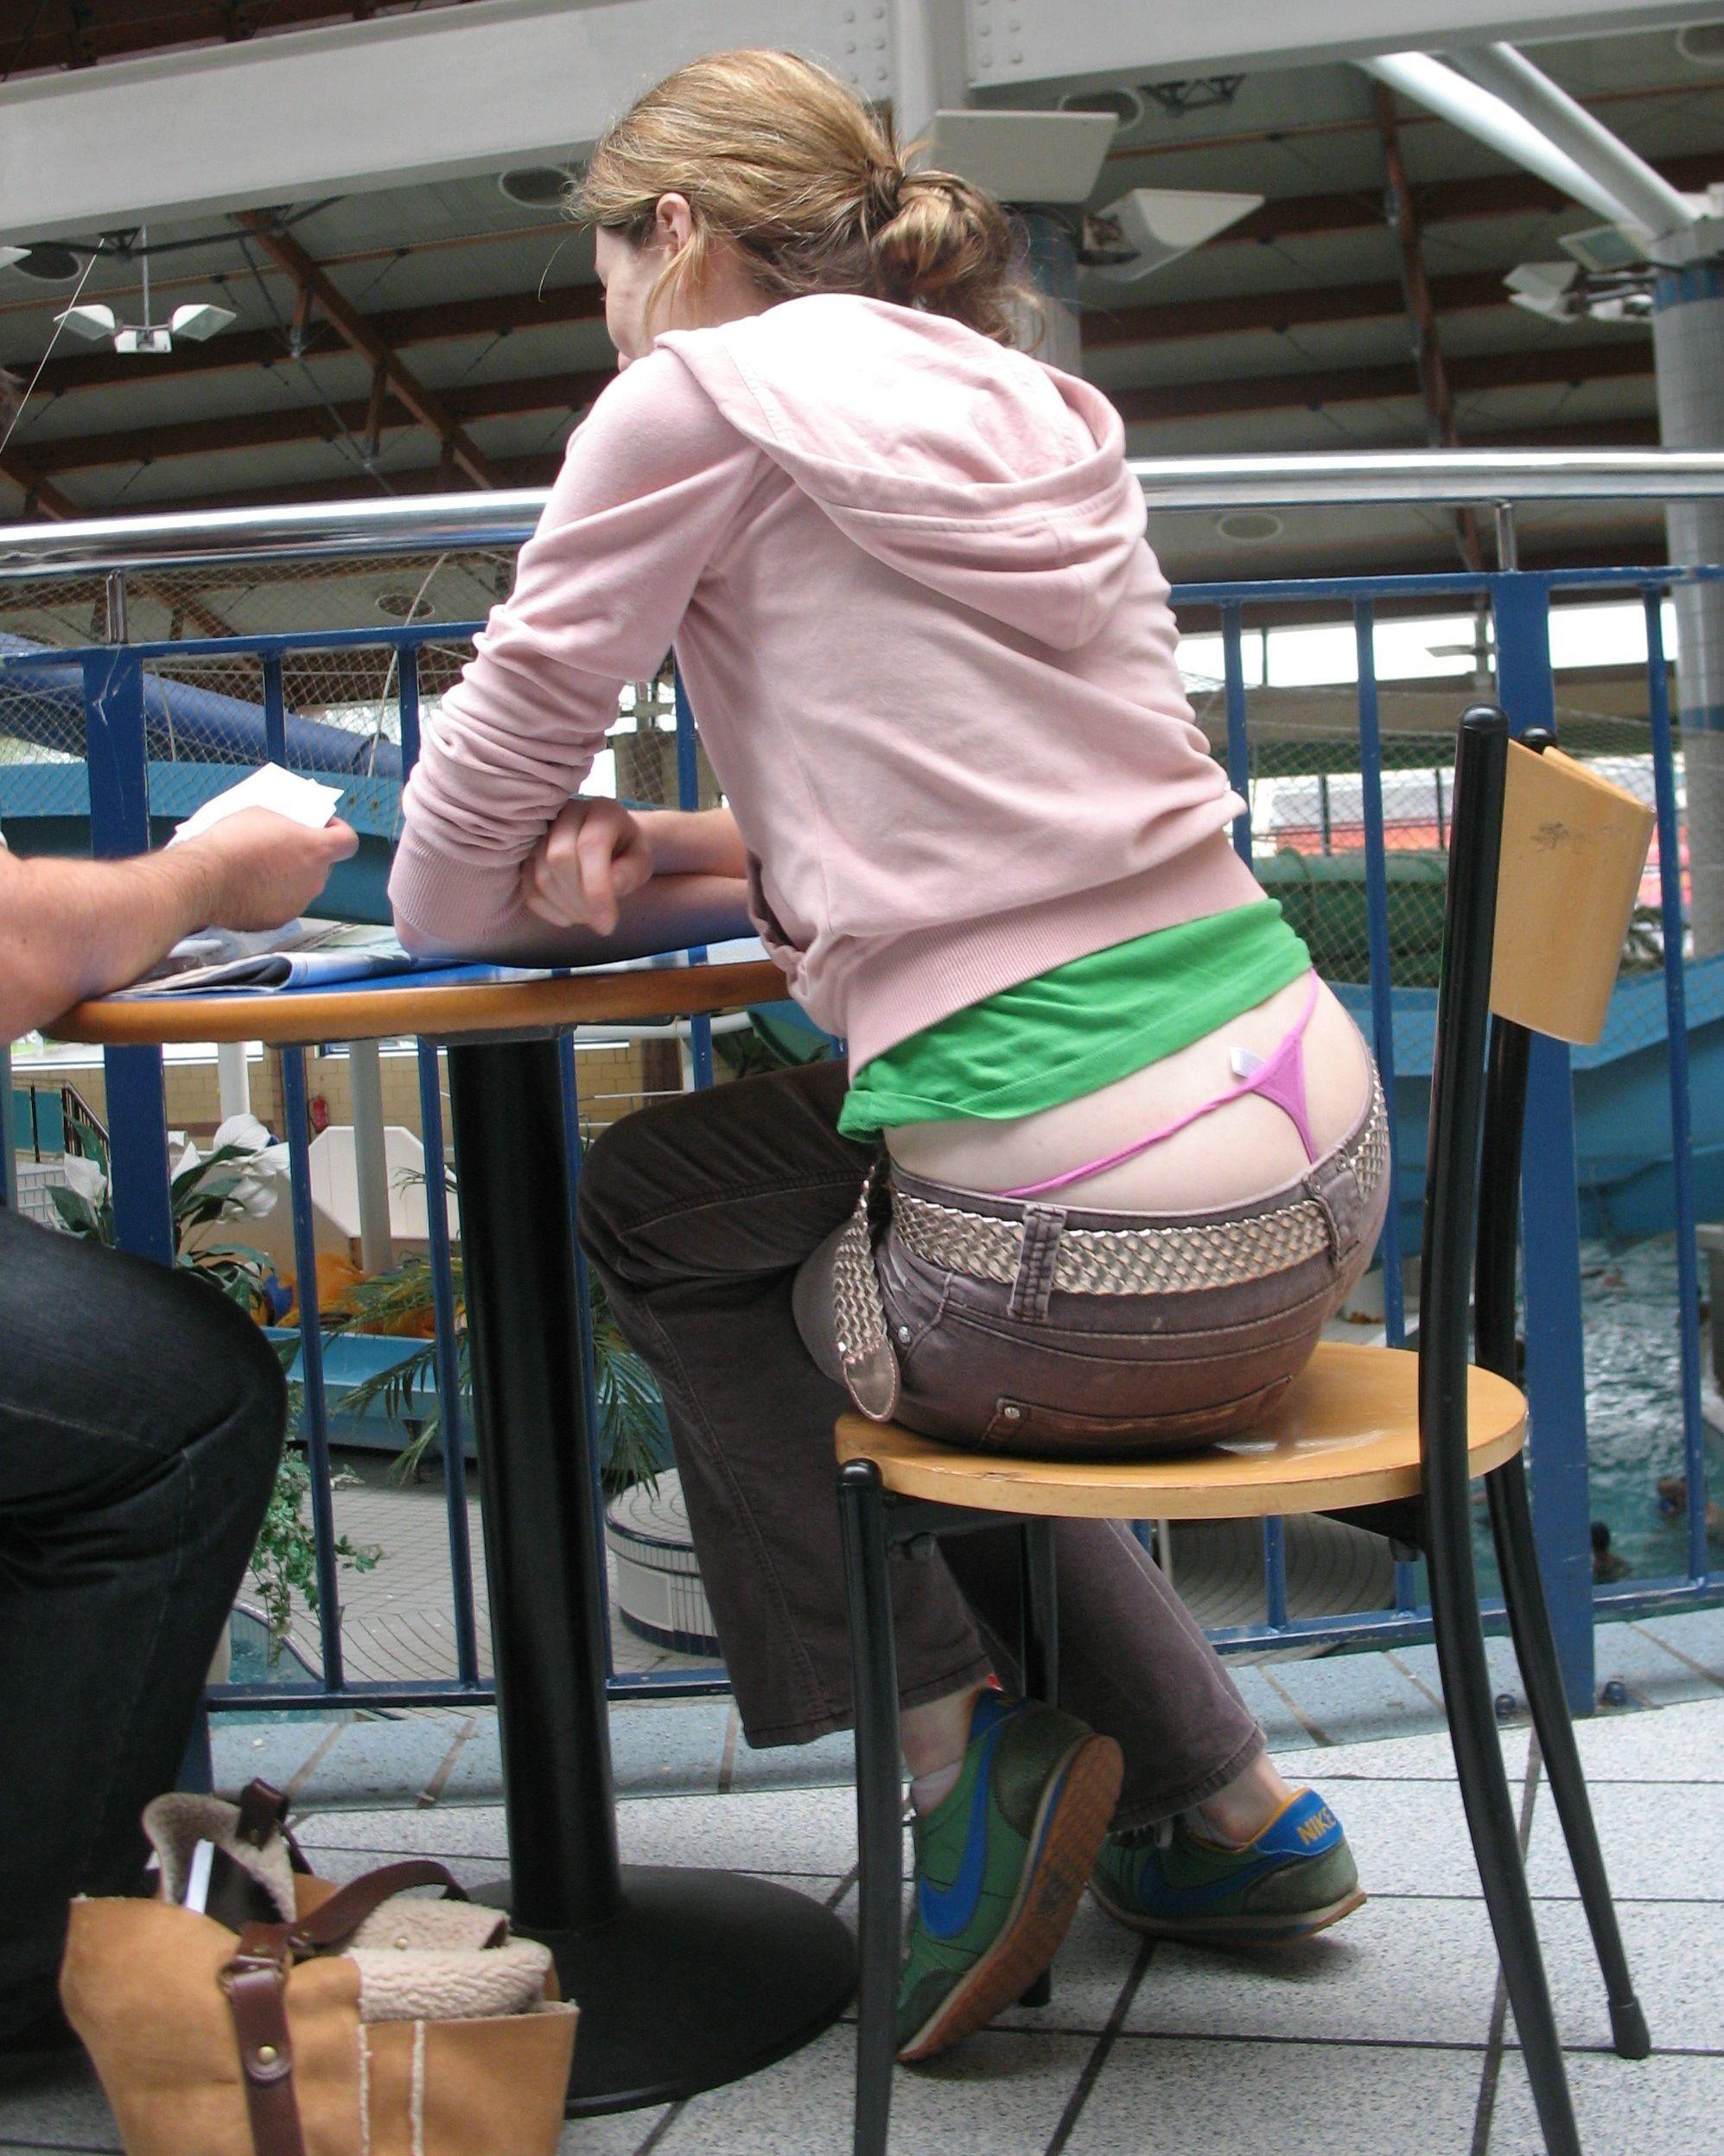 У девушки из под джинсов видно попку 19 фотография